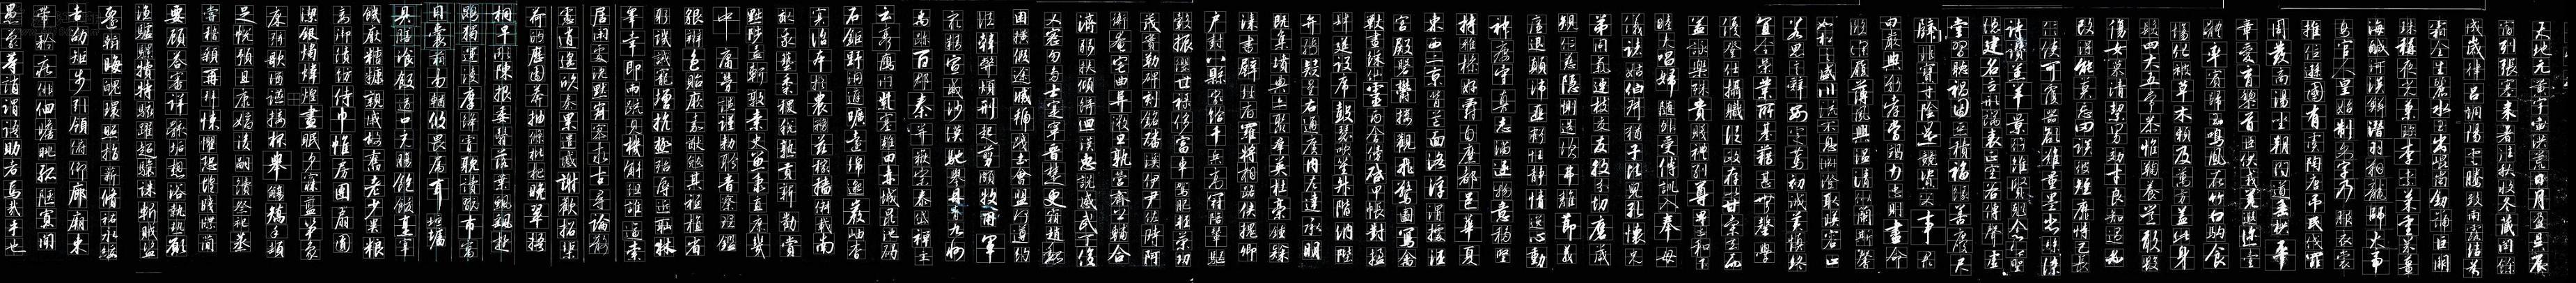 行书千字文【整体】.jpg